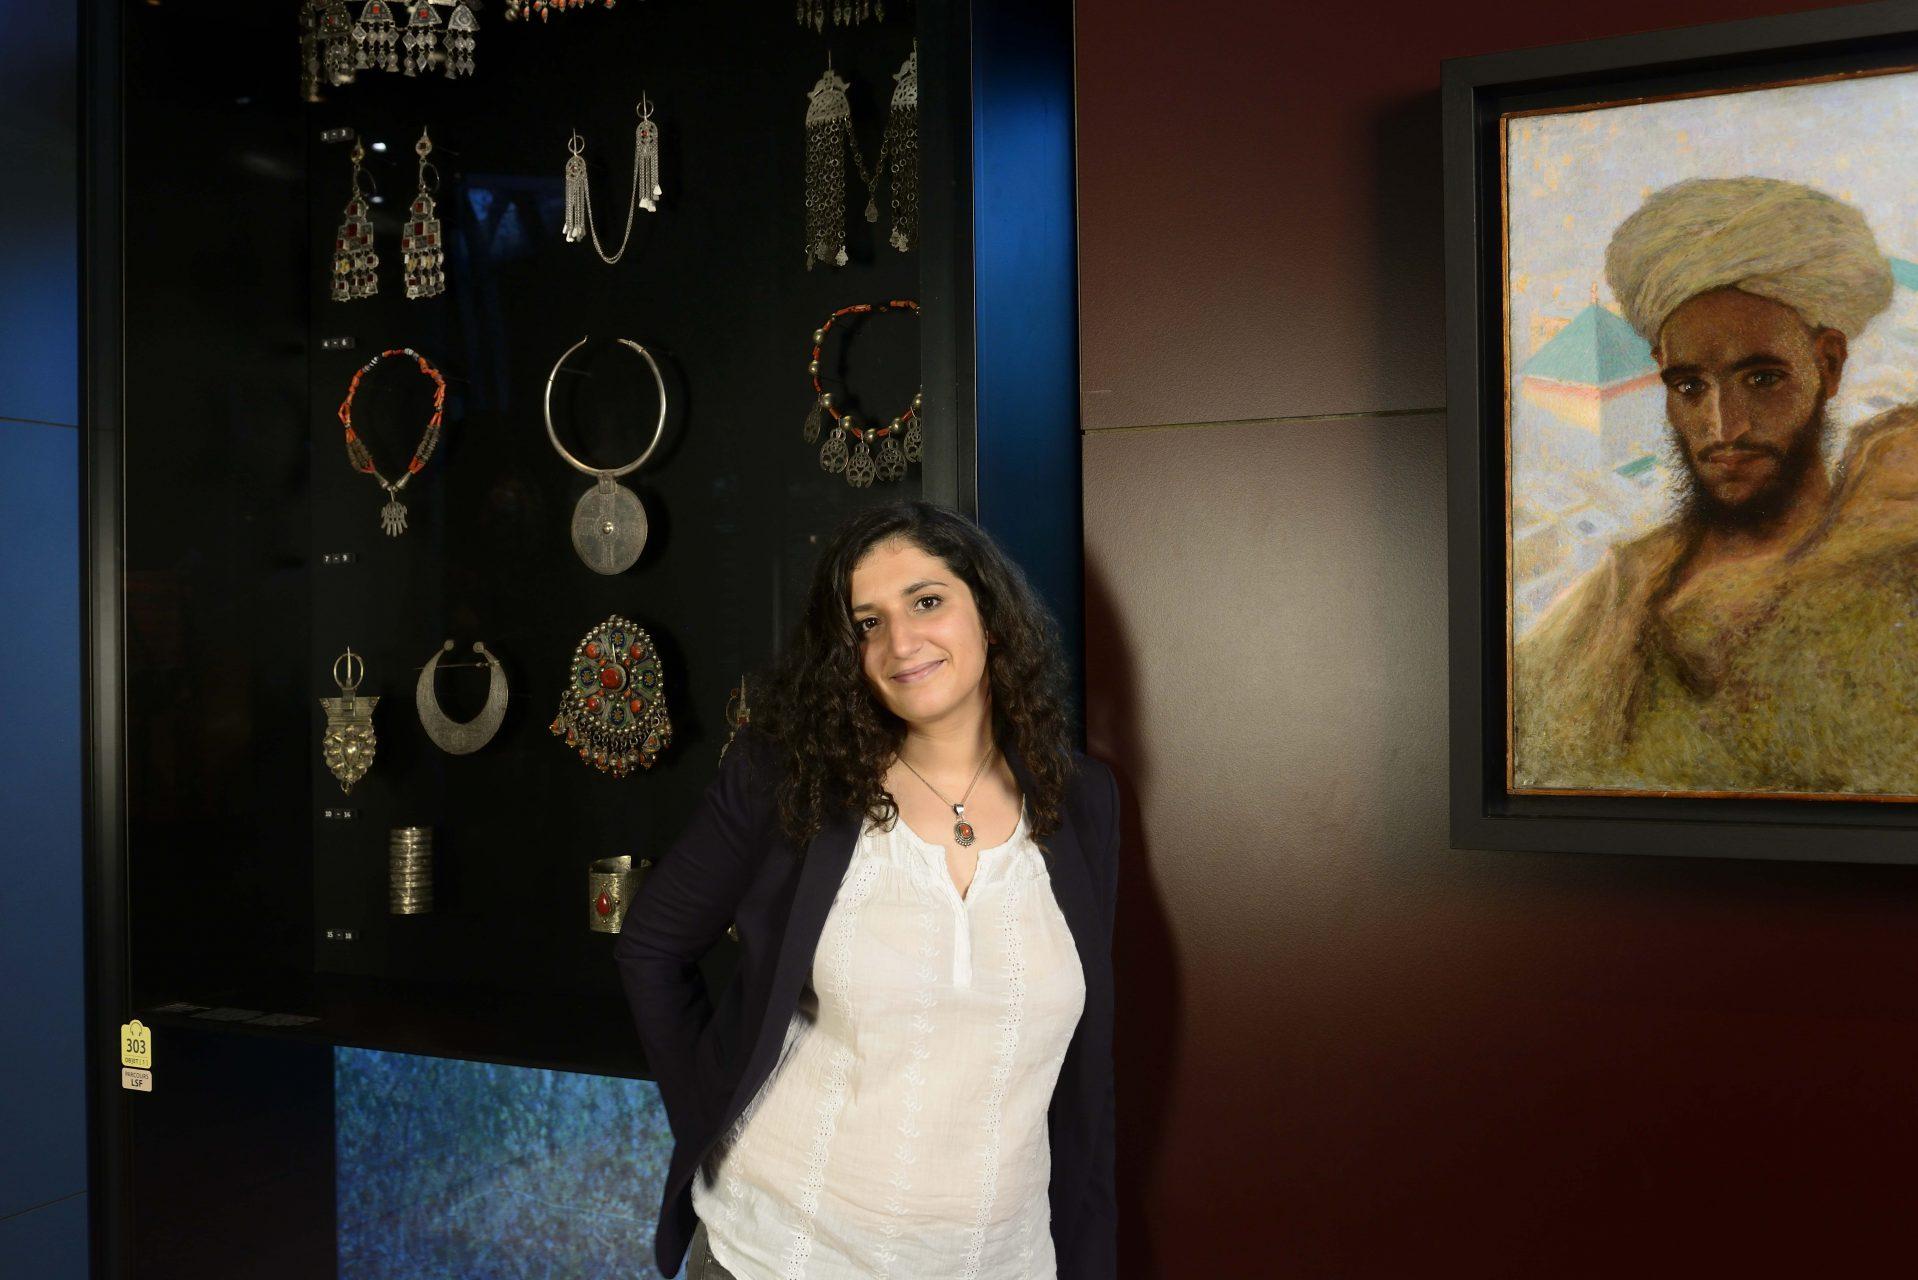 Cevoli Daria / Département du patrimoine des collections : Responsable des collections Asie